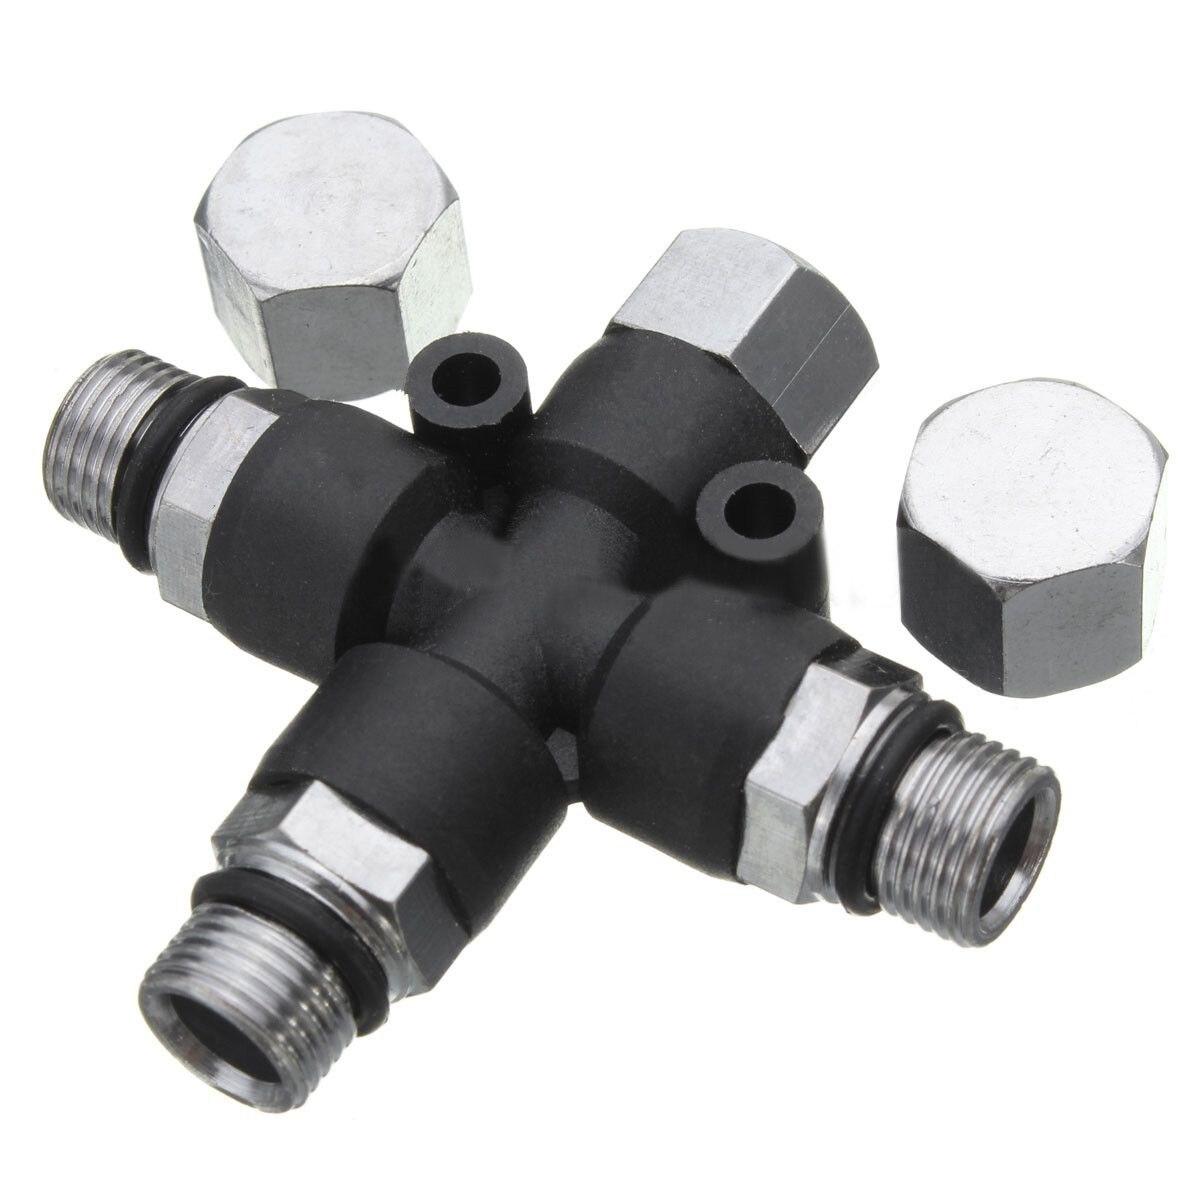 Connettore a spruzzo per mini compressore d'aria a 3 vie per - Accessori per elettroutensili - Fotografia 3